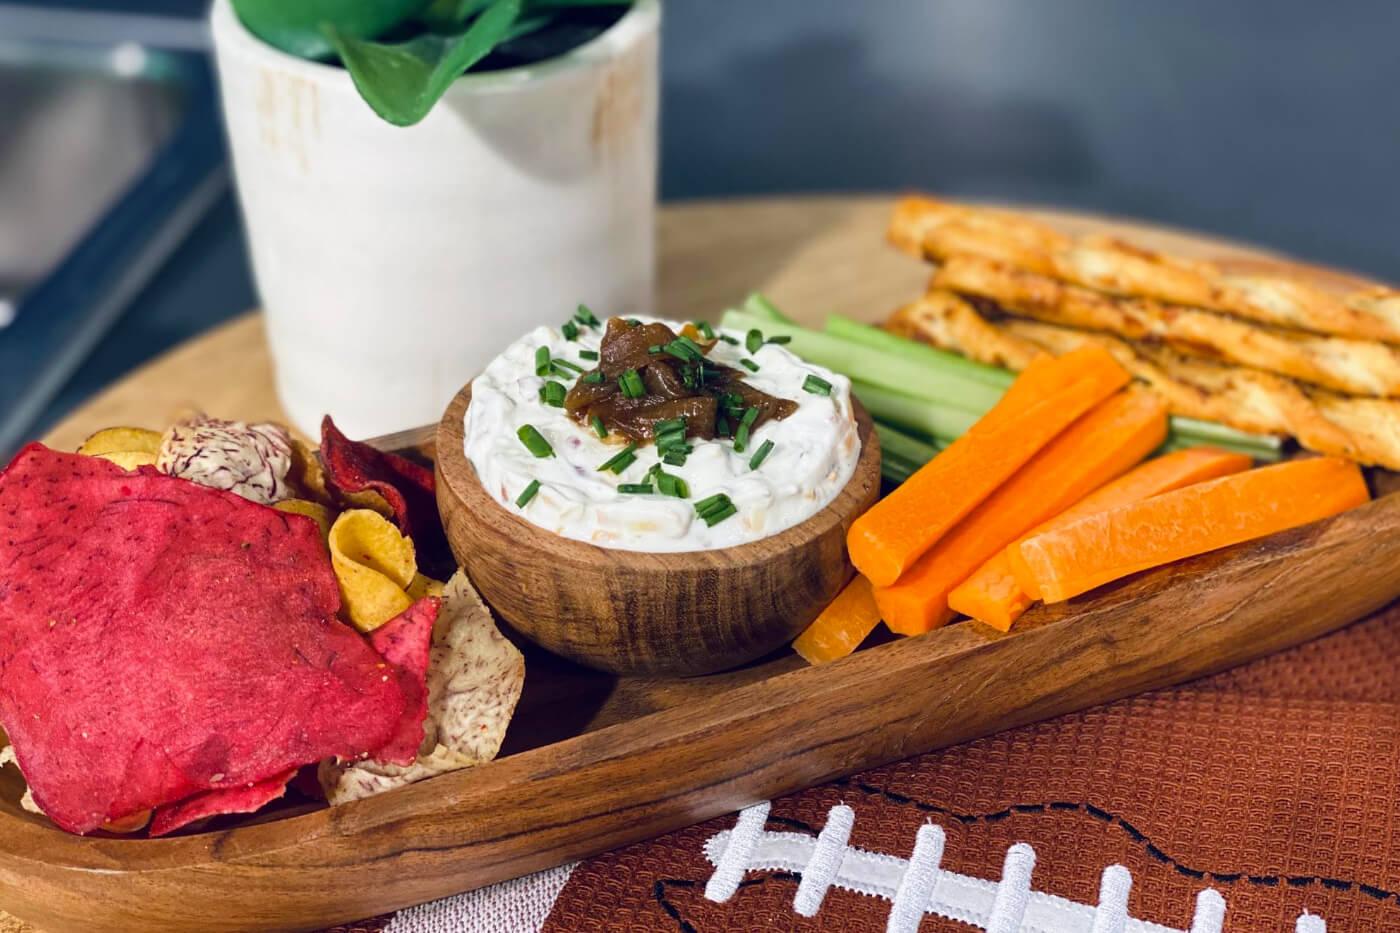 Caramelized Onion Super Bowl Party Dip